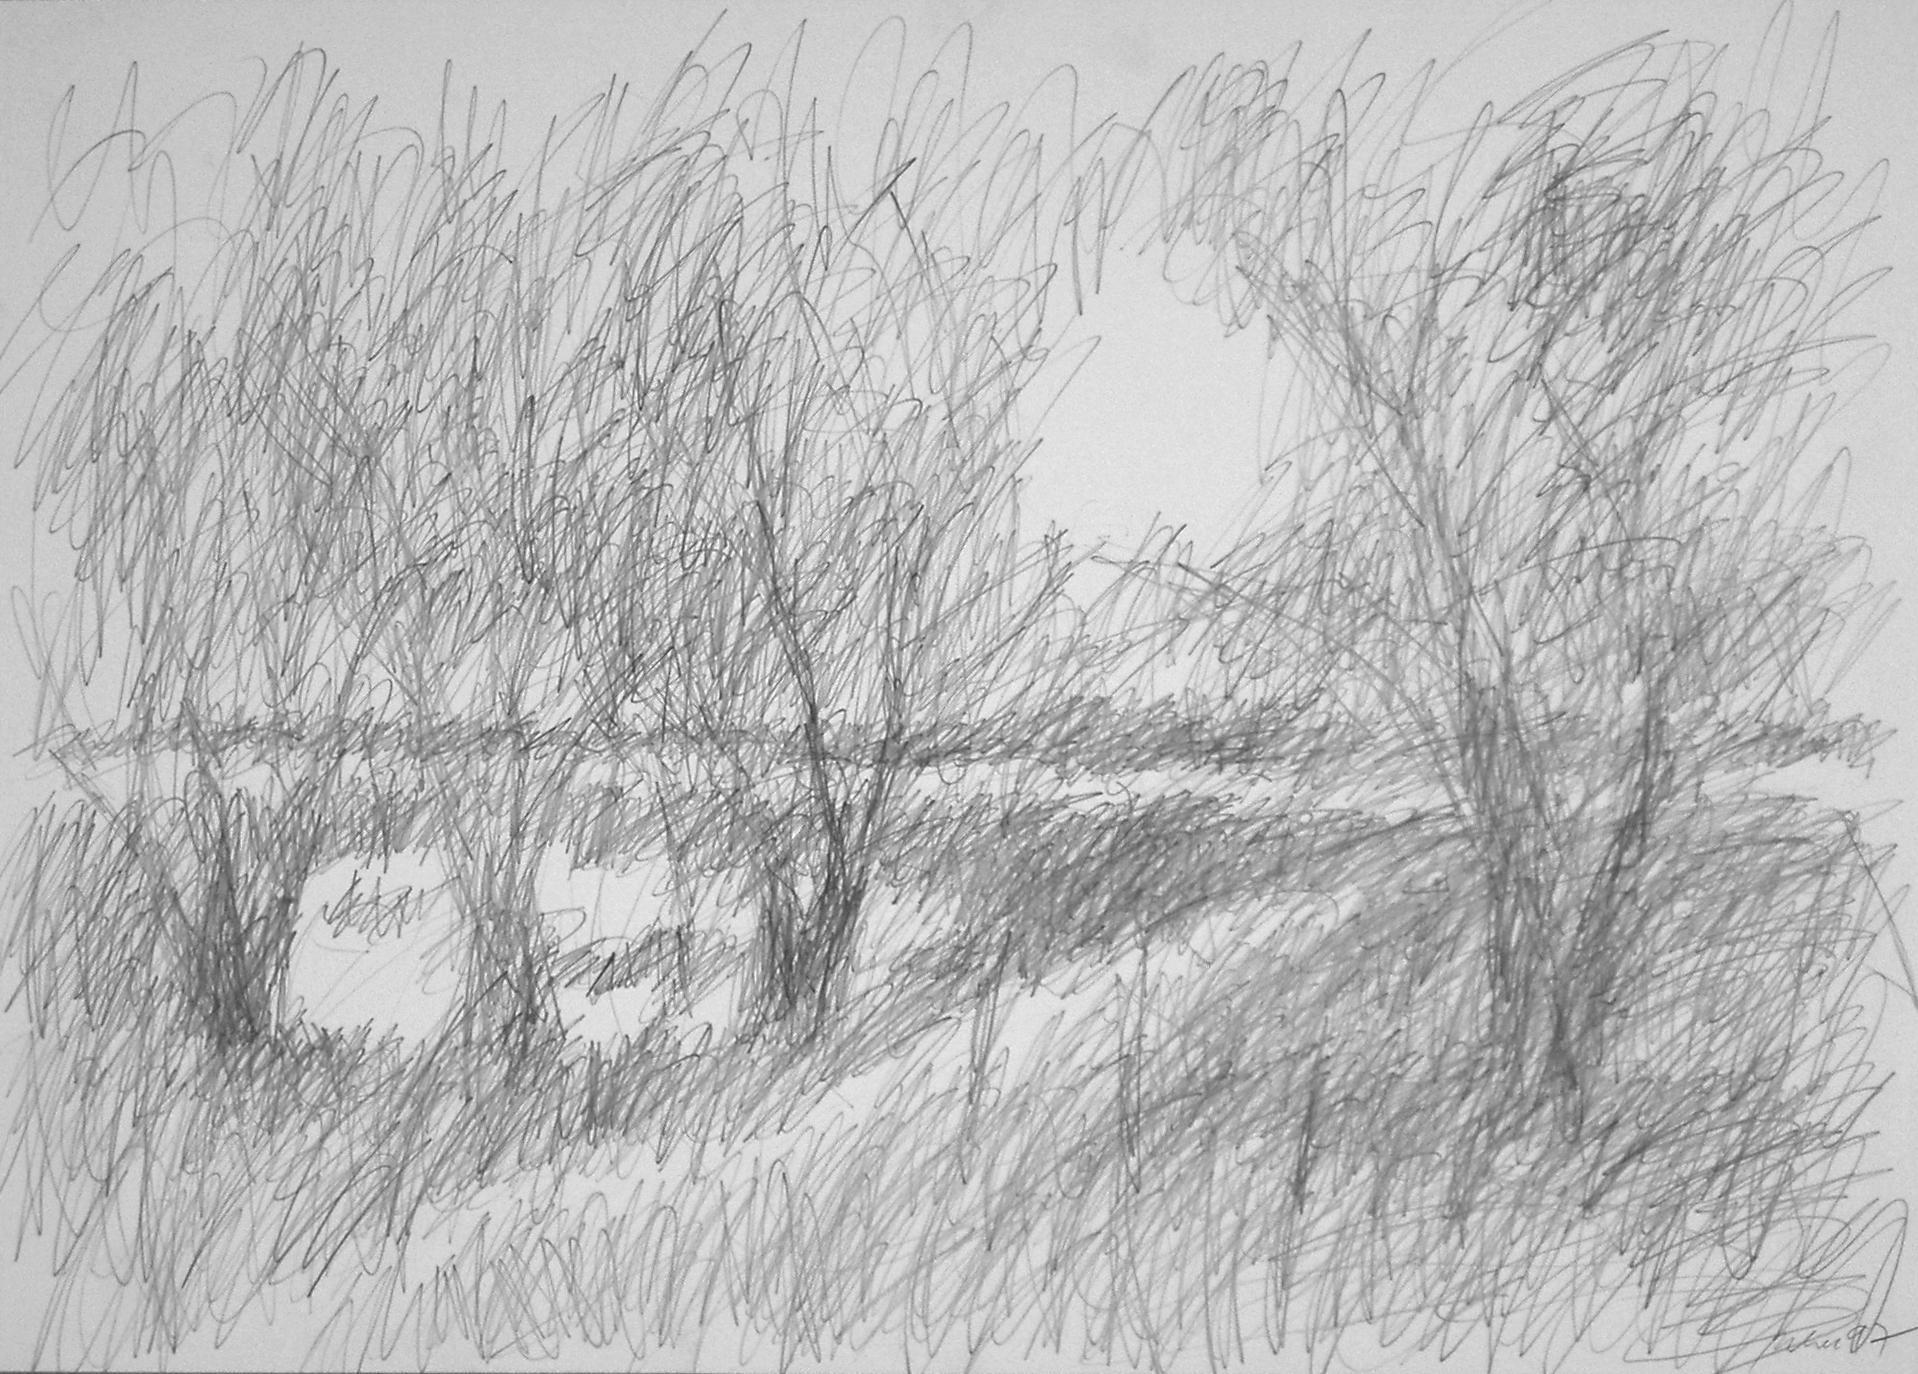 Am Weiher, Hiddensee